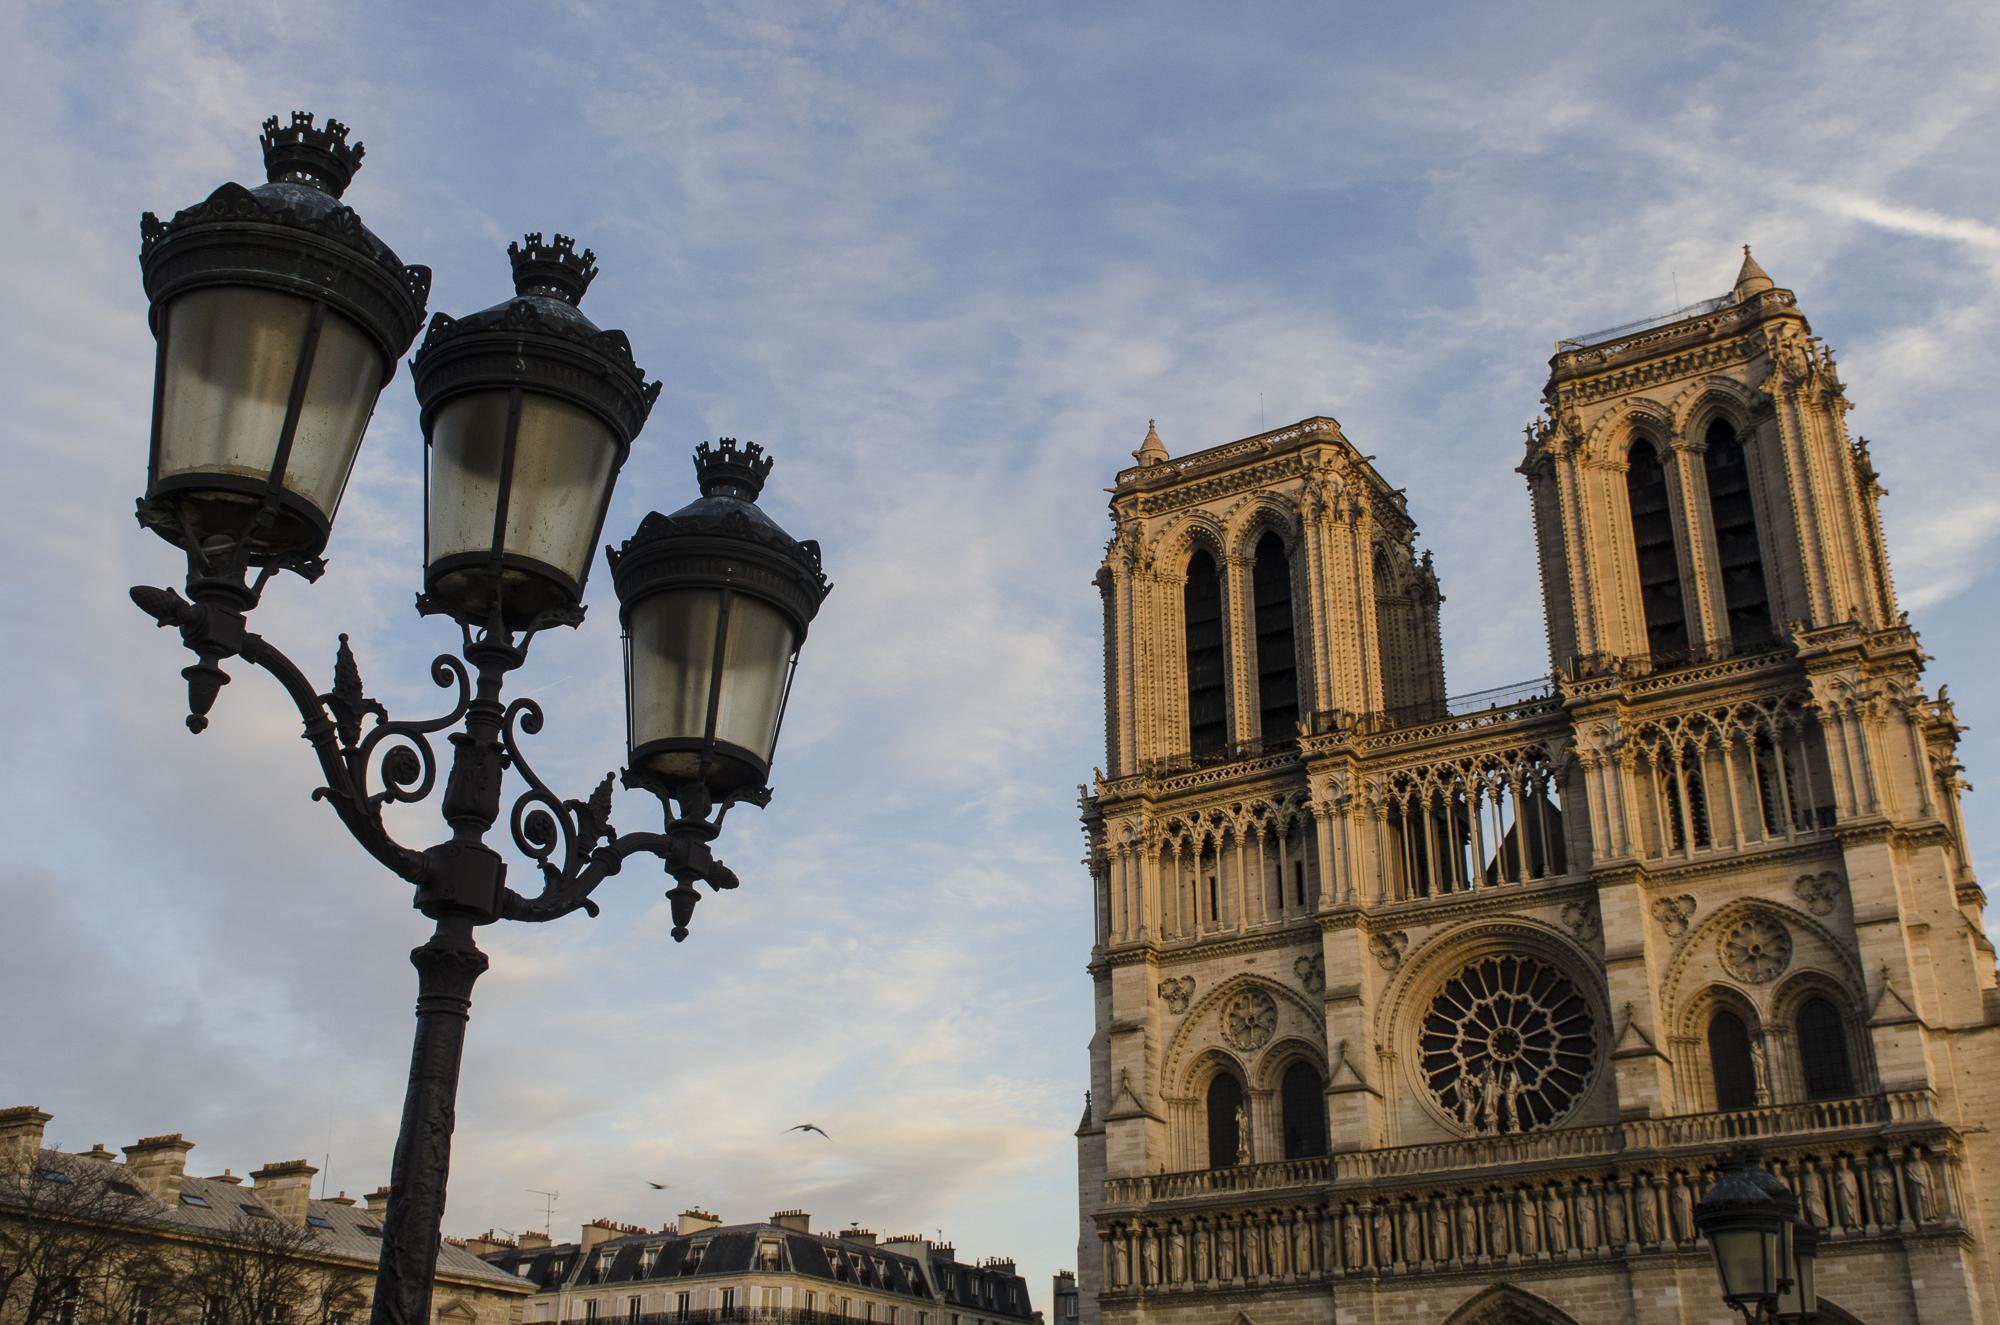 Parvis Notre Dame - Place Jean-Paul II  PHOTOGRAPHY : ALEXANDER J.E. BRADLEY •Nikon D7000 • AF-S NIKKOR 24-70mm F/2.8G ED •24MM • F/11 •1/60 •ISO 320